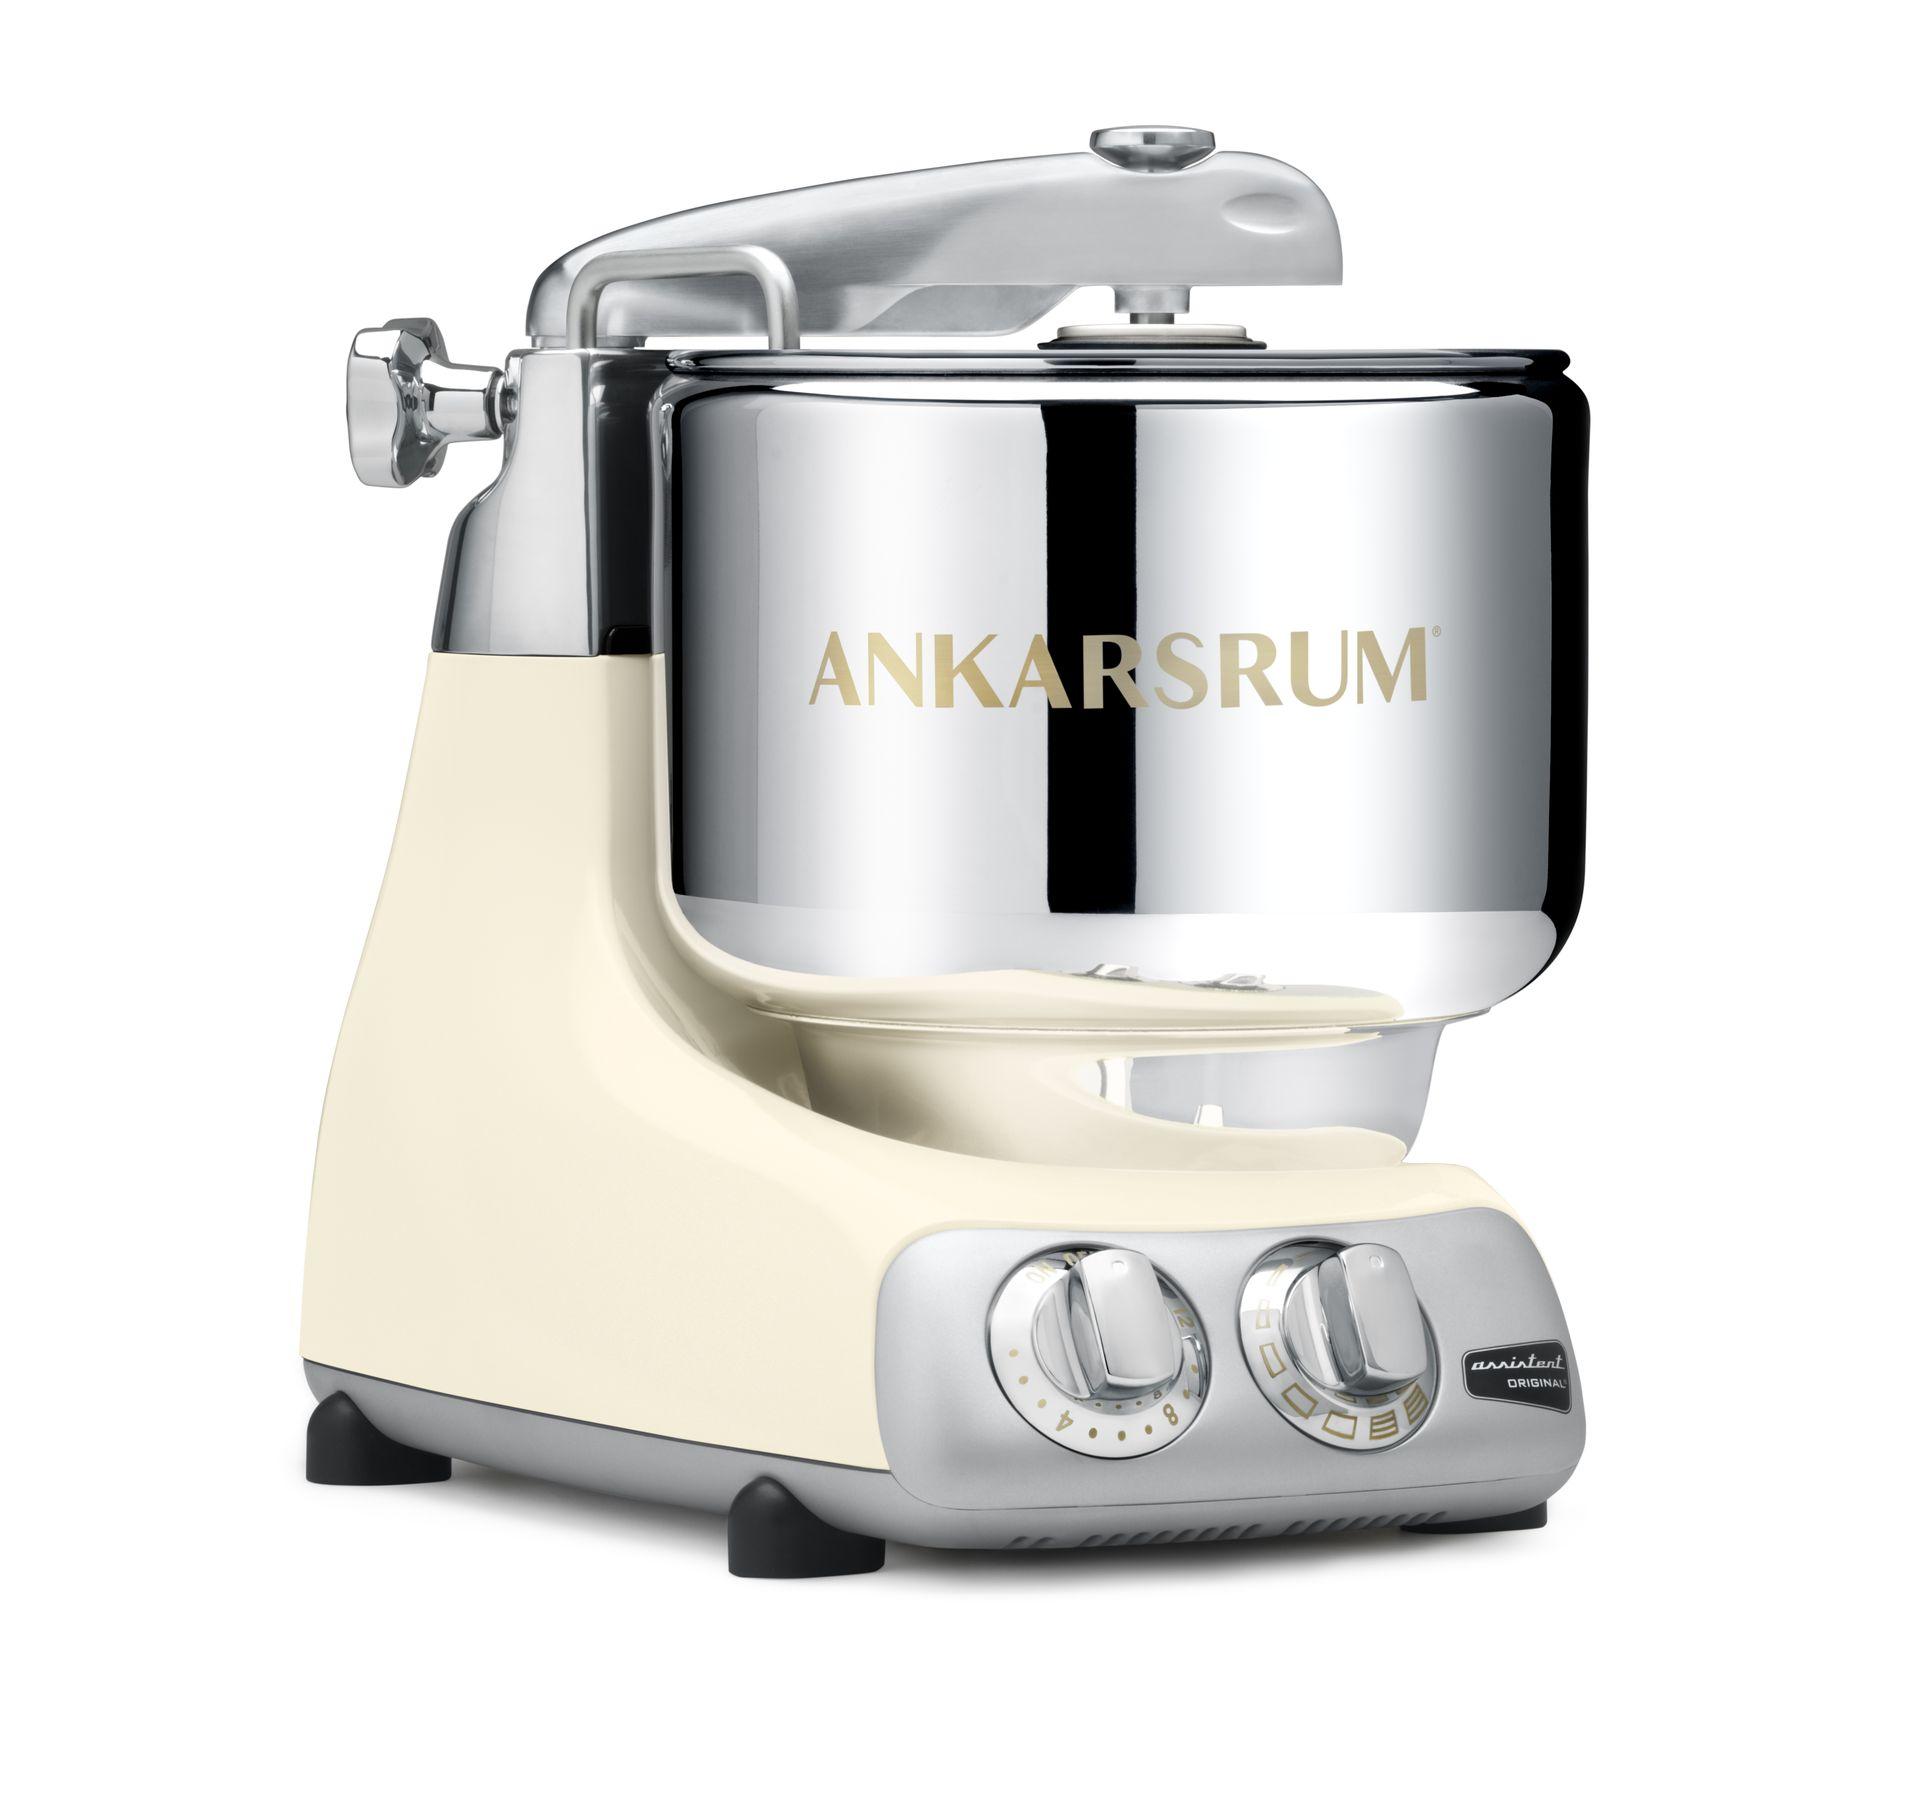 Ankarsrum Küchenmaschine 6230 Light Creme 2300109